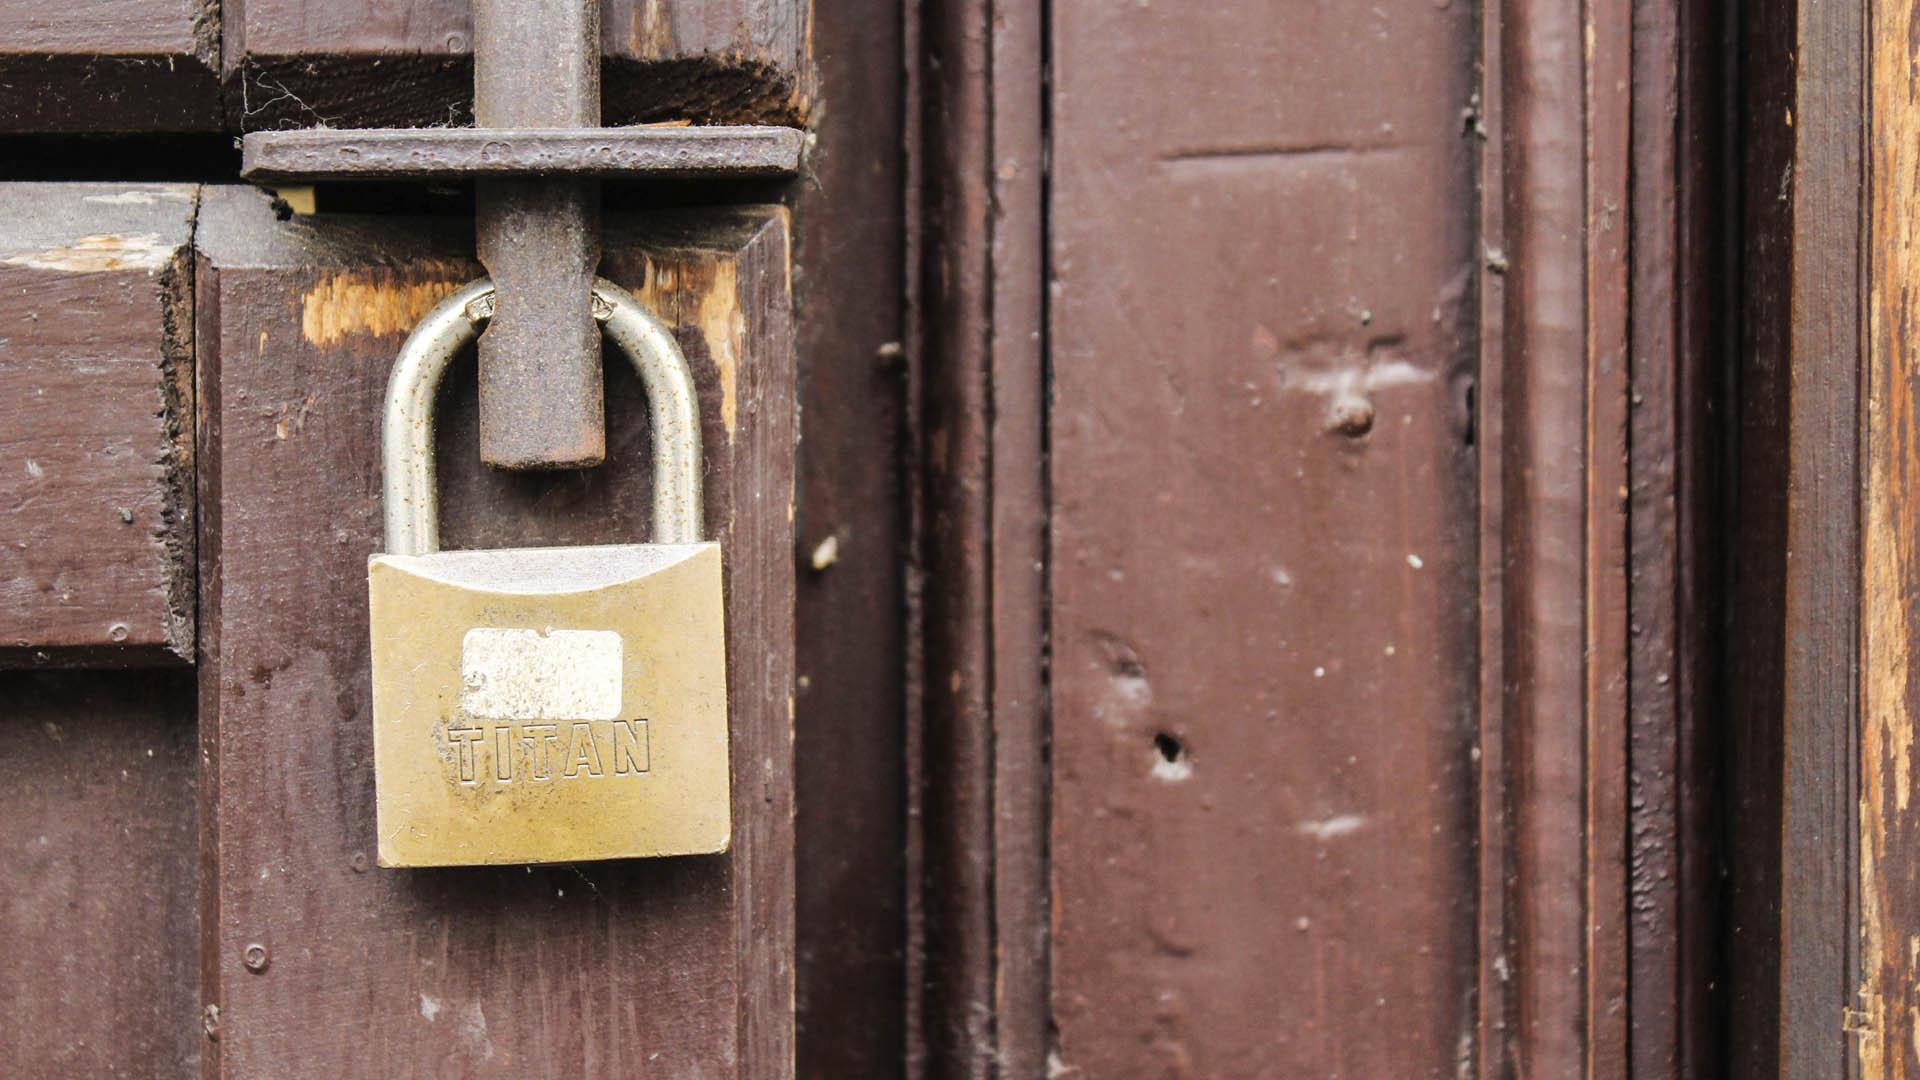 Cerraduras, cercos eléctricos y circuitos cerrados son las nuevas adquisiciones de los ciudadanos